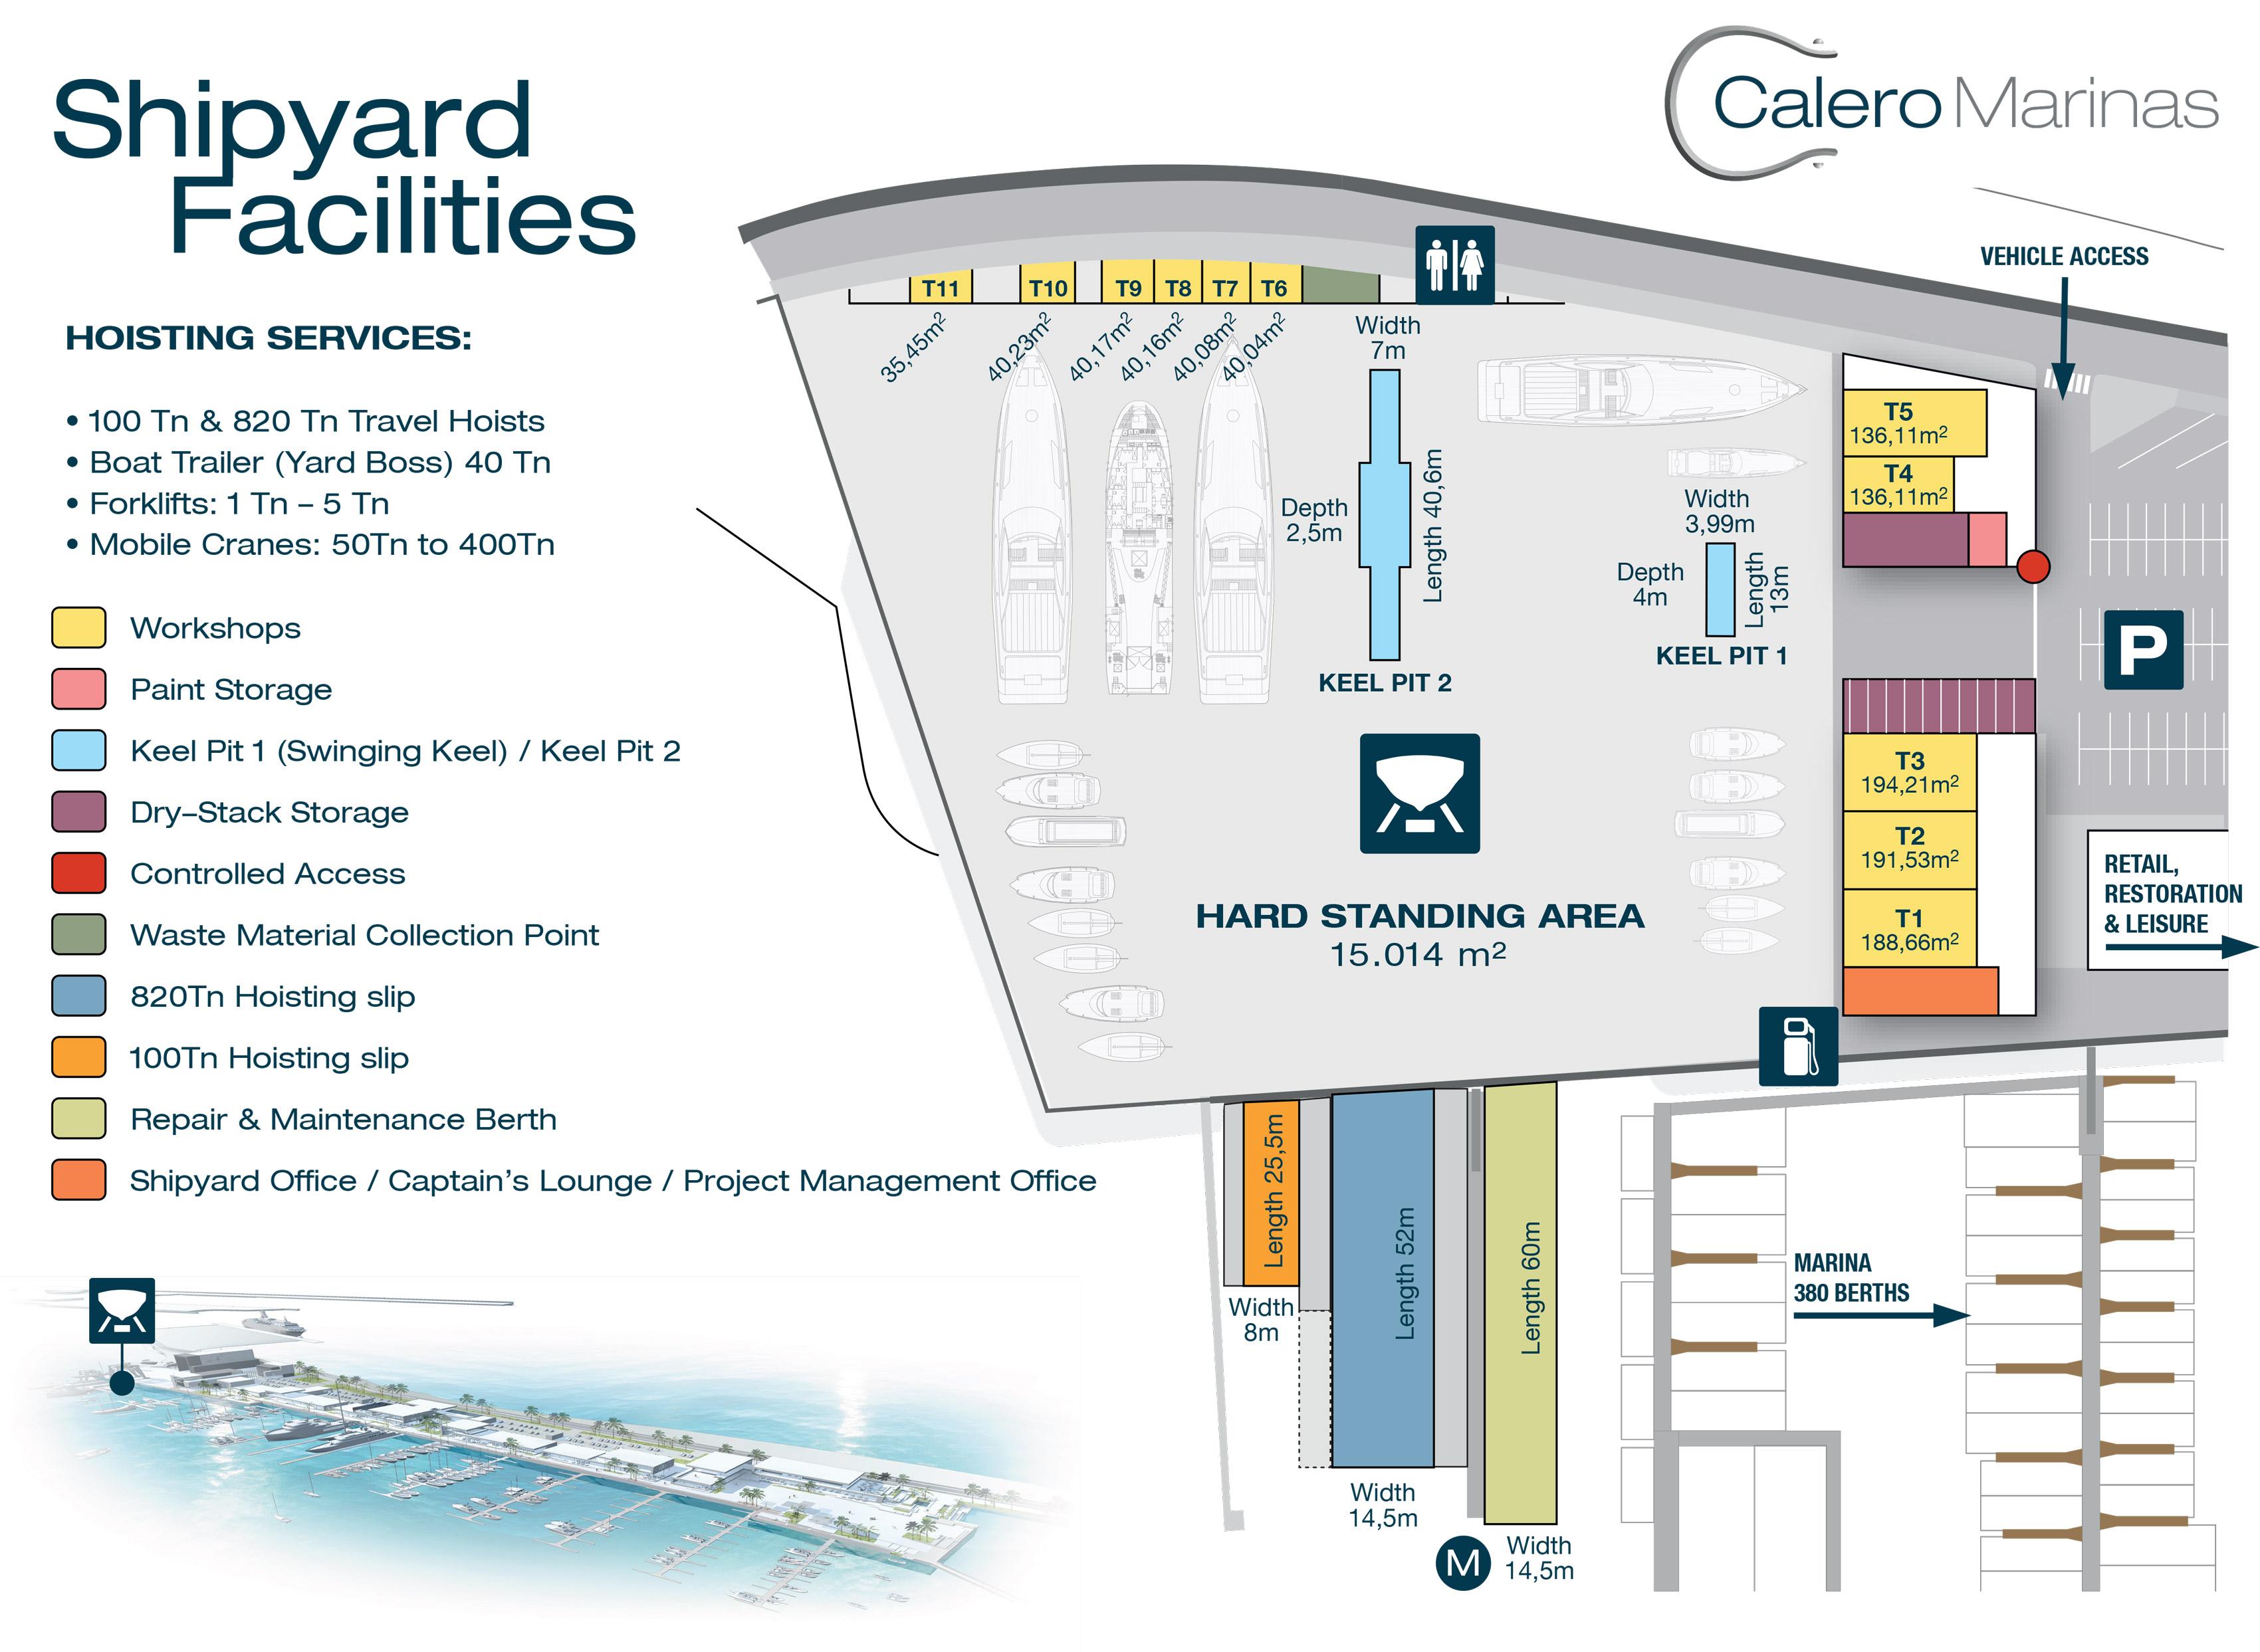 Map of the Shipyard Facilities at Caleros Marinas